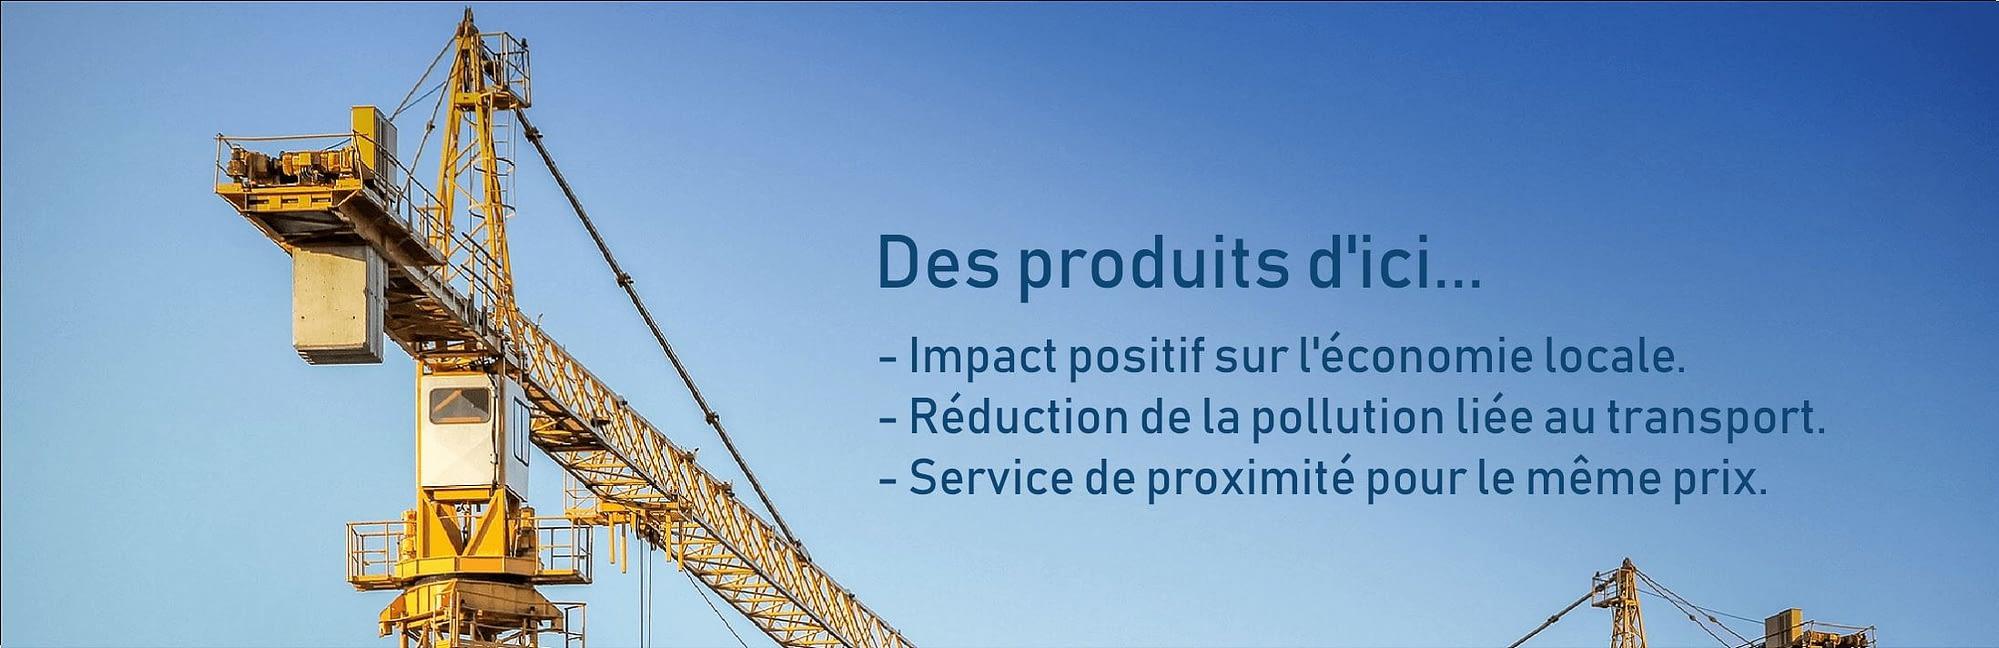 Des-produits-industriel-quebecois-et-canadiens